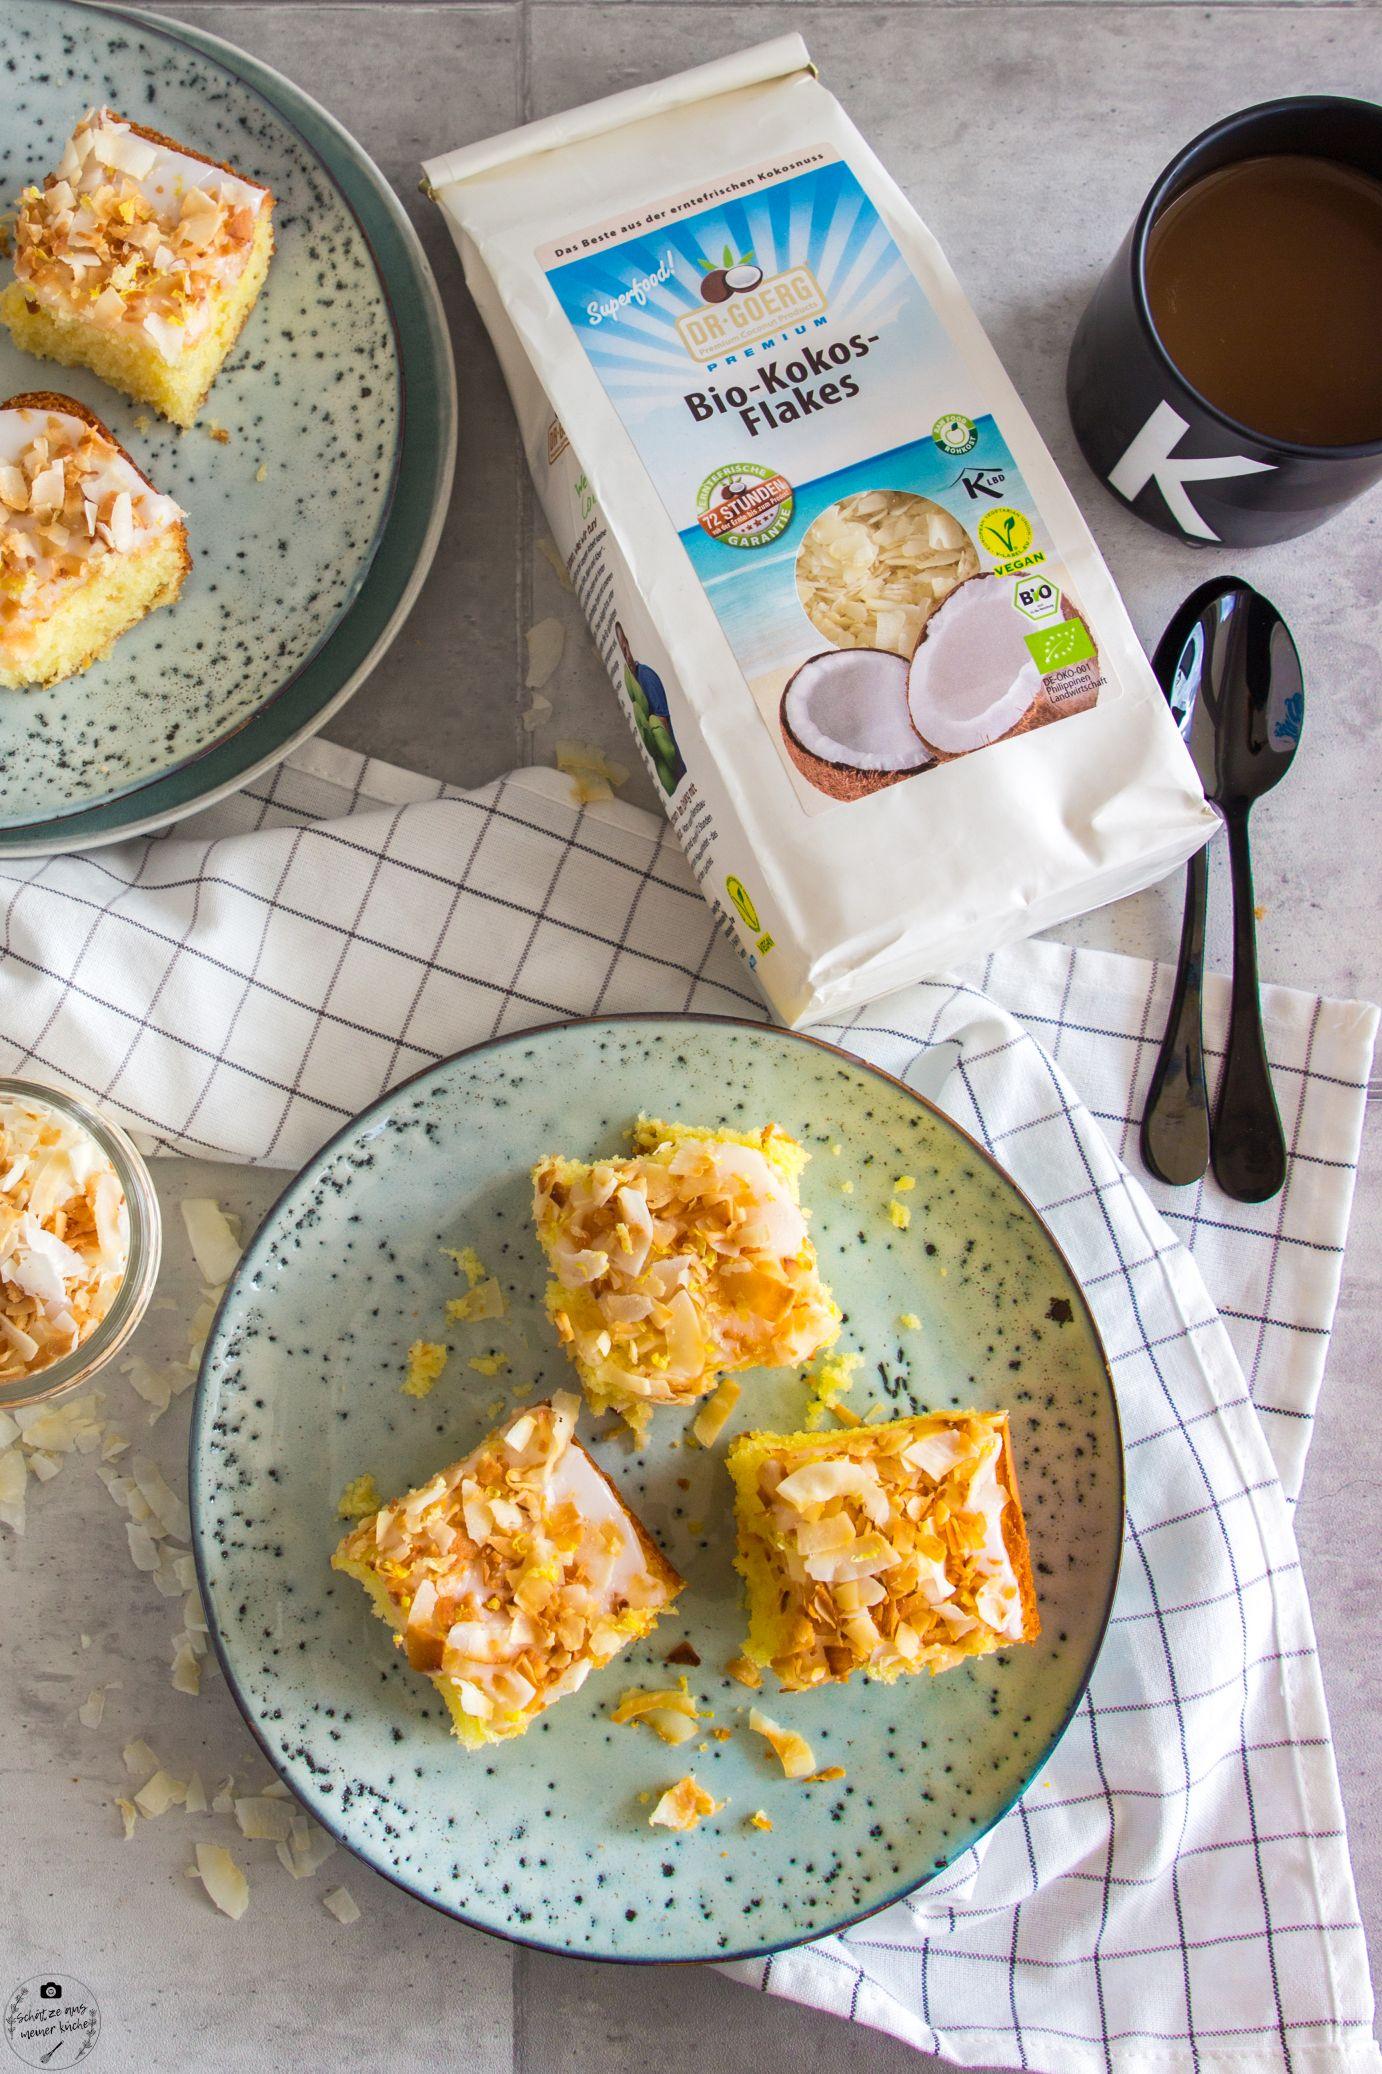 Fluffiger Kokos-Zitronenkuchen vom Blech mit Bio-Kokosflakes Dr. Goerg